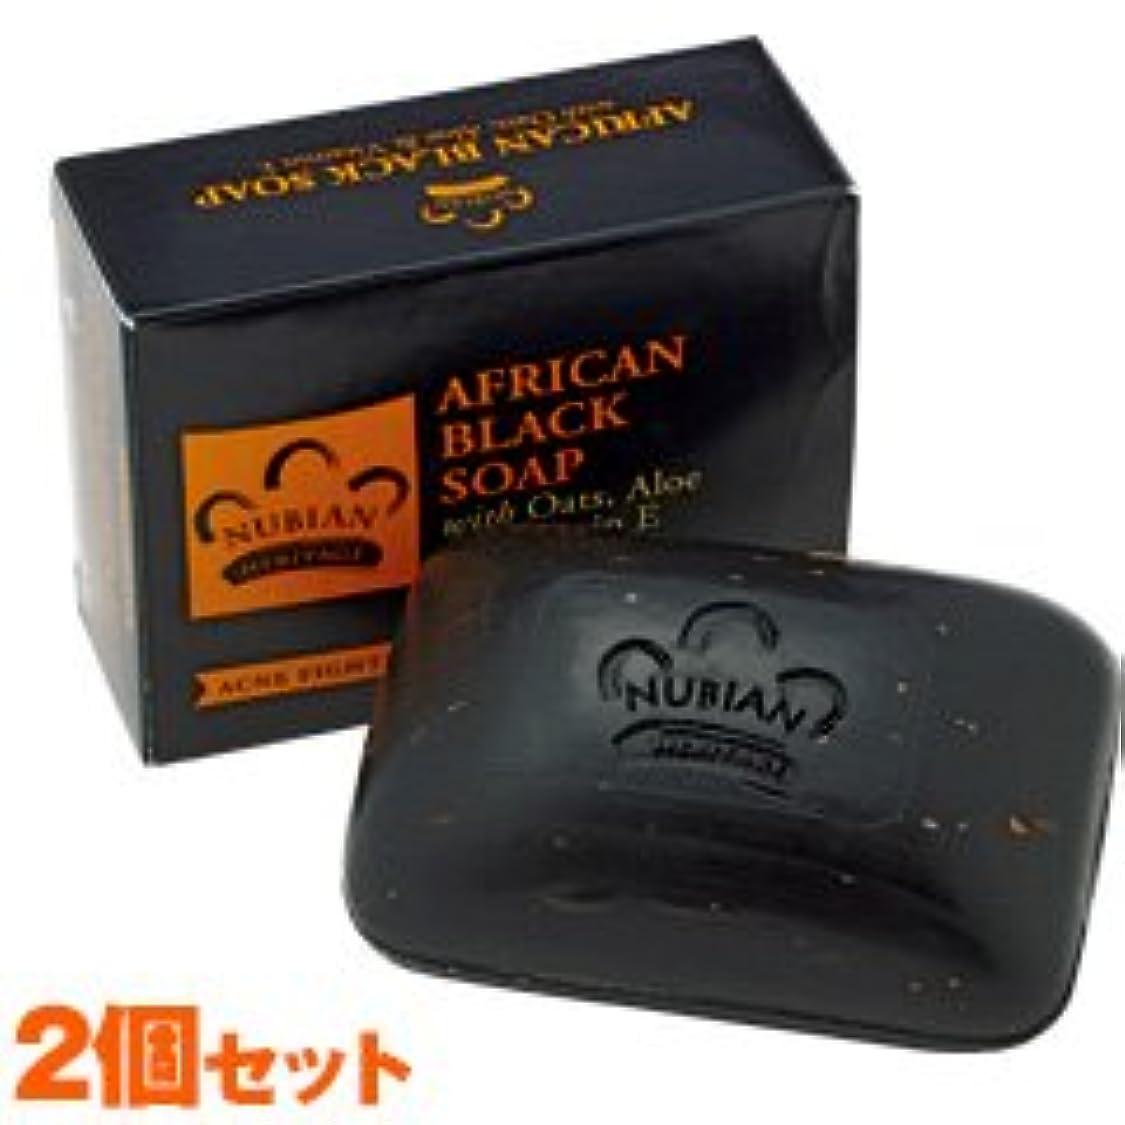 好色なガスデュアルヌビアン ヘリテージ(NUBIAN HERITAGE)アフリカン ブラック ソープバー 2個セット 141gX2[並行輸入品][海外直送品]